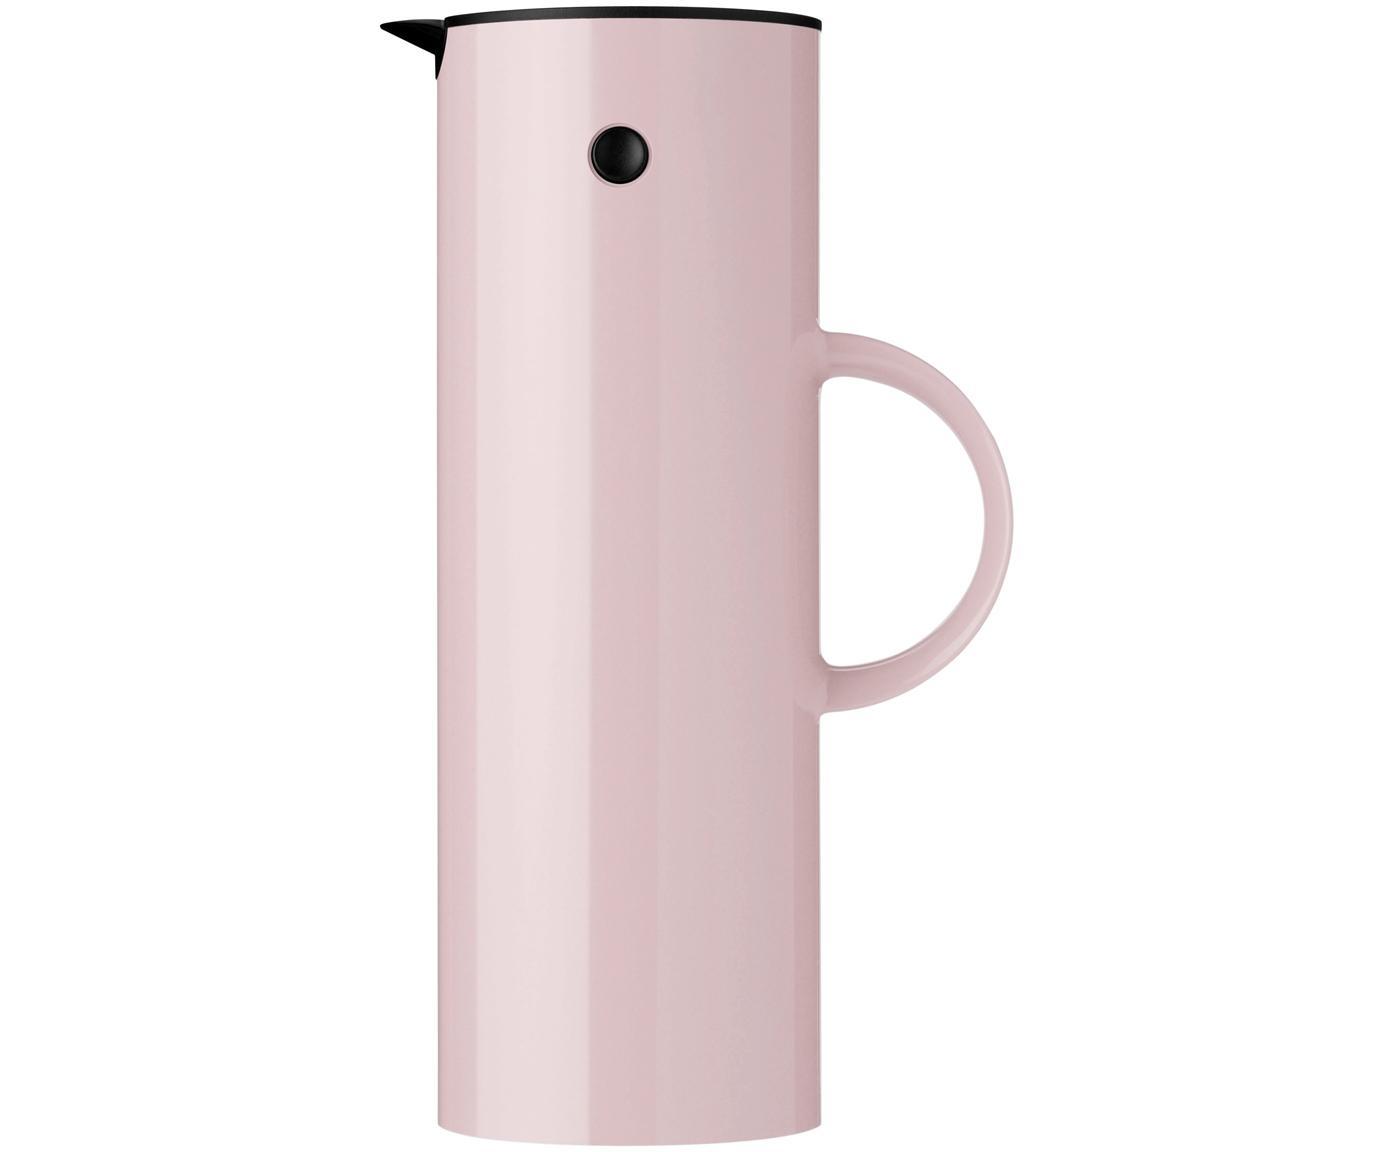 Isolierkanne EM77 in Rosa glänzend, ABS-Kunststoff, im Inneren mit Glaseinsatz, Lavendelfarben, 1 L